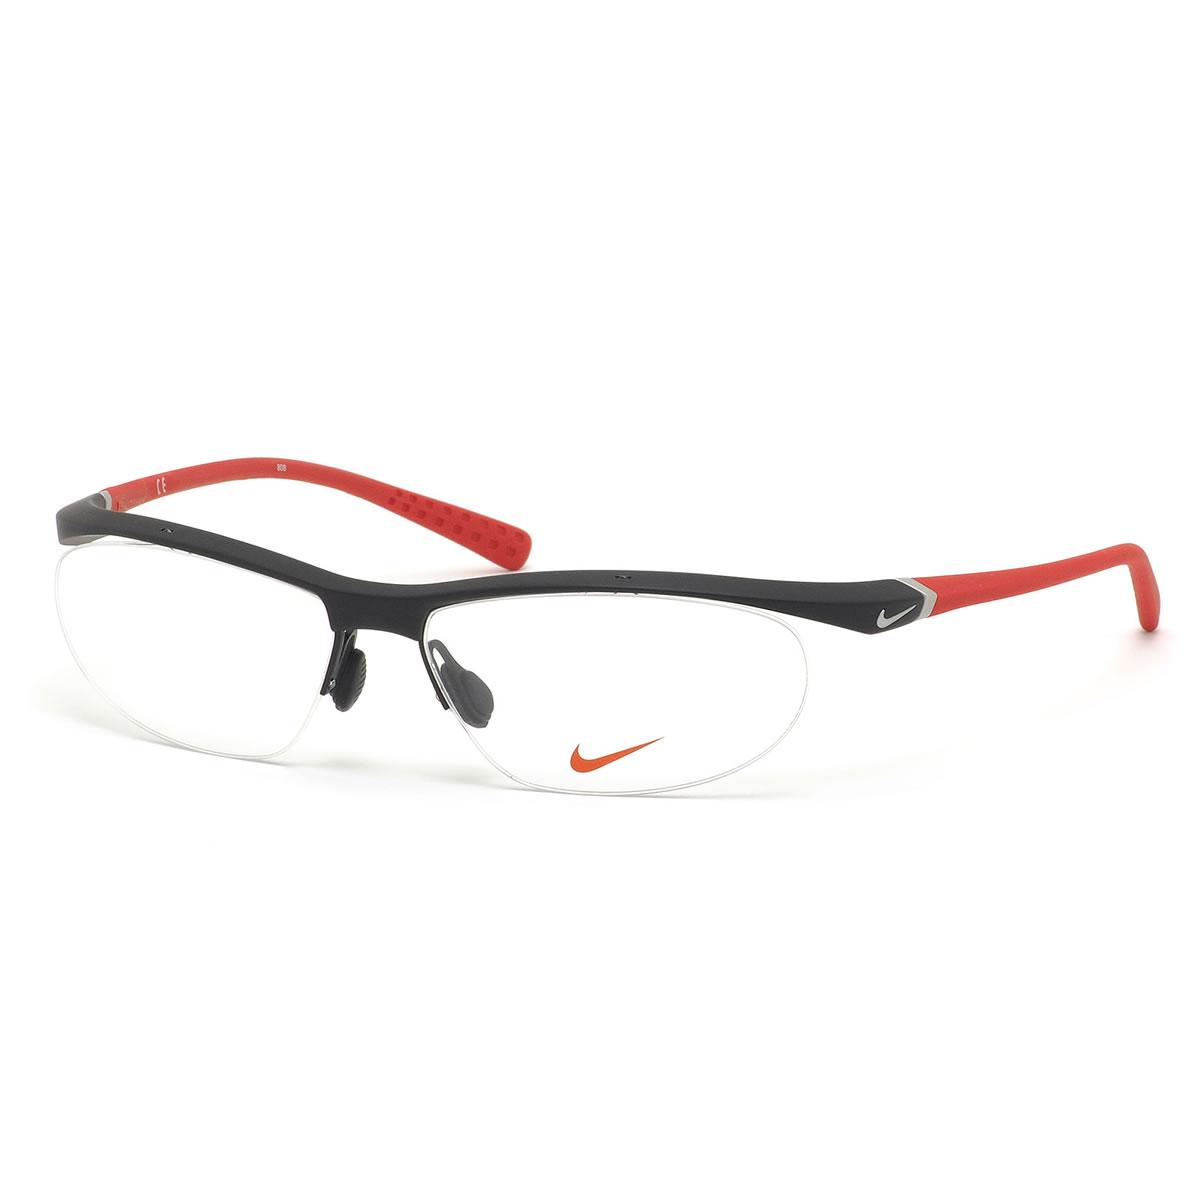 ナイキ NIKE メガネ 7070/2 015 57サイズ VORTEX ボルテックス ナイロール スポーツ メンズ レディース